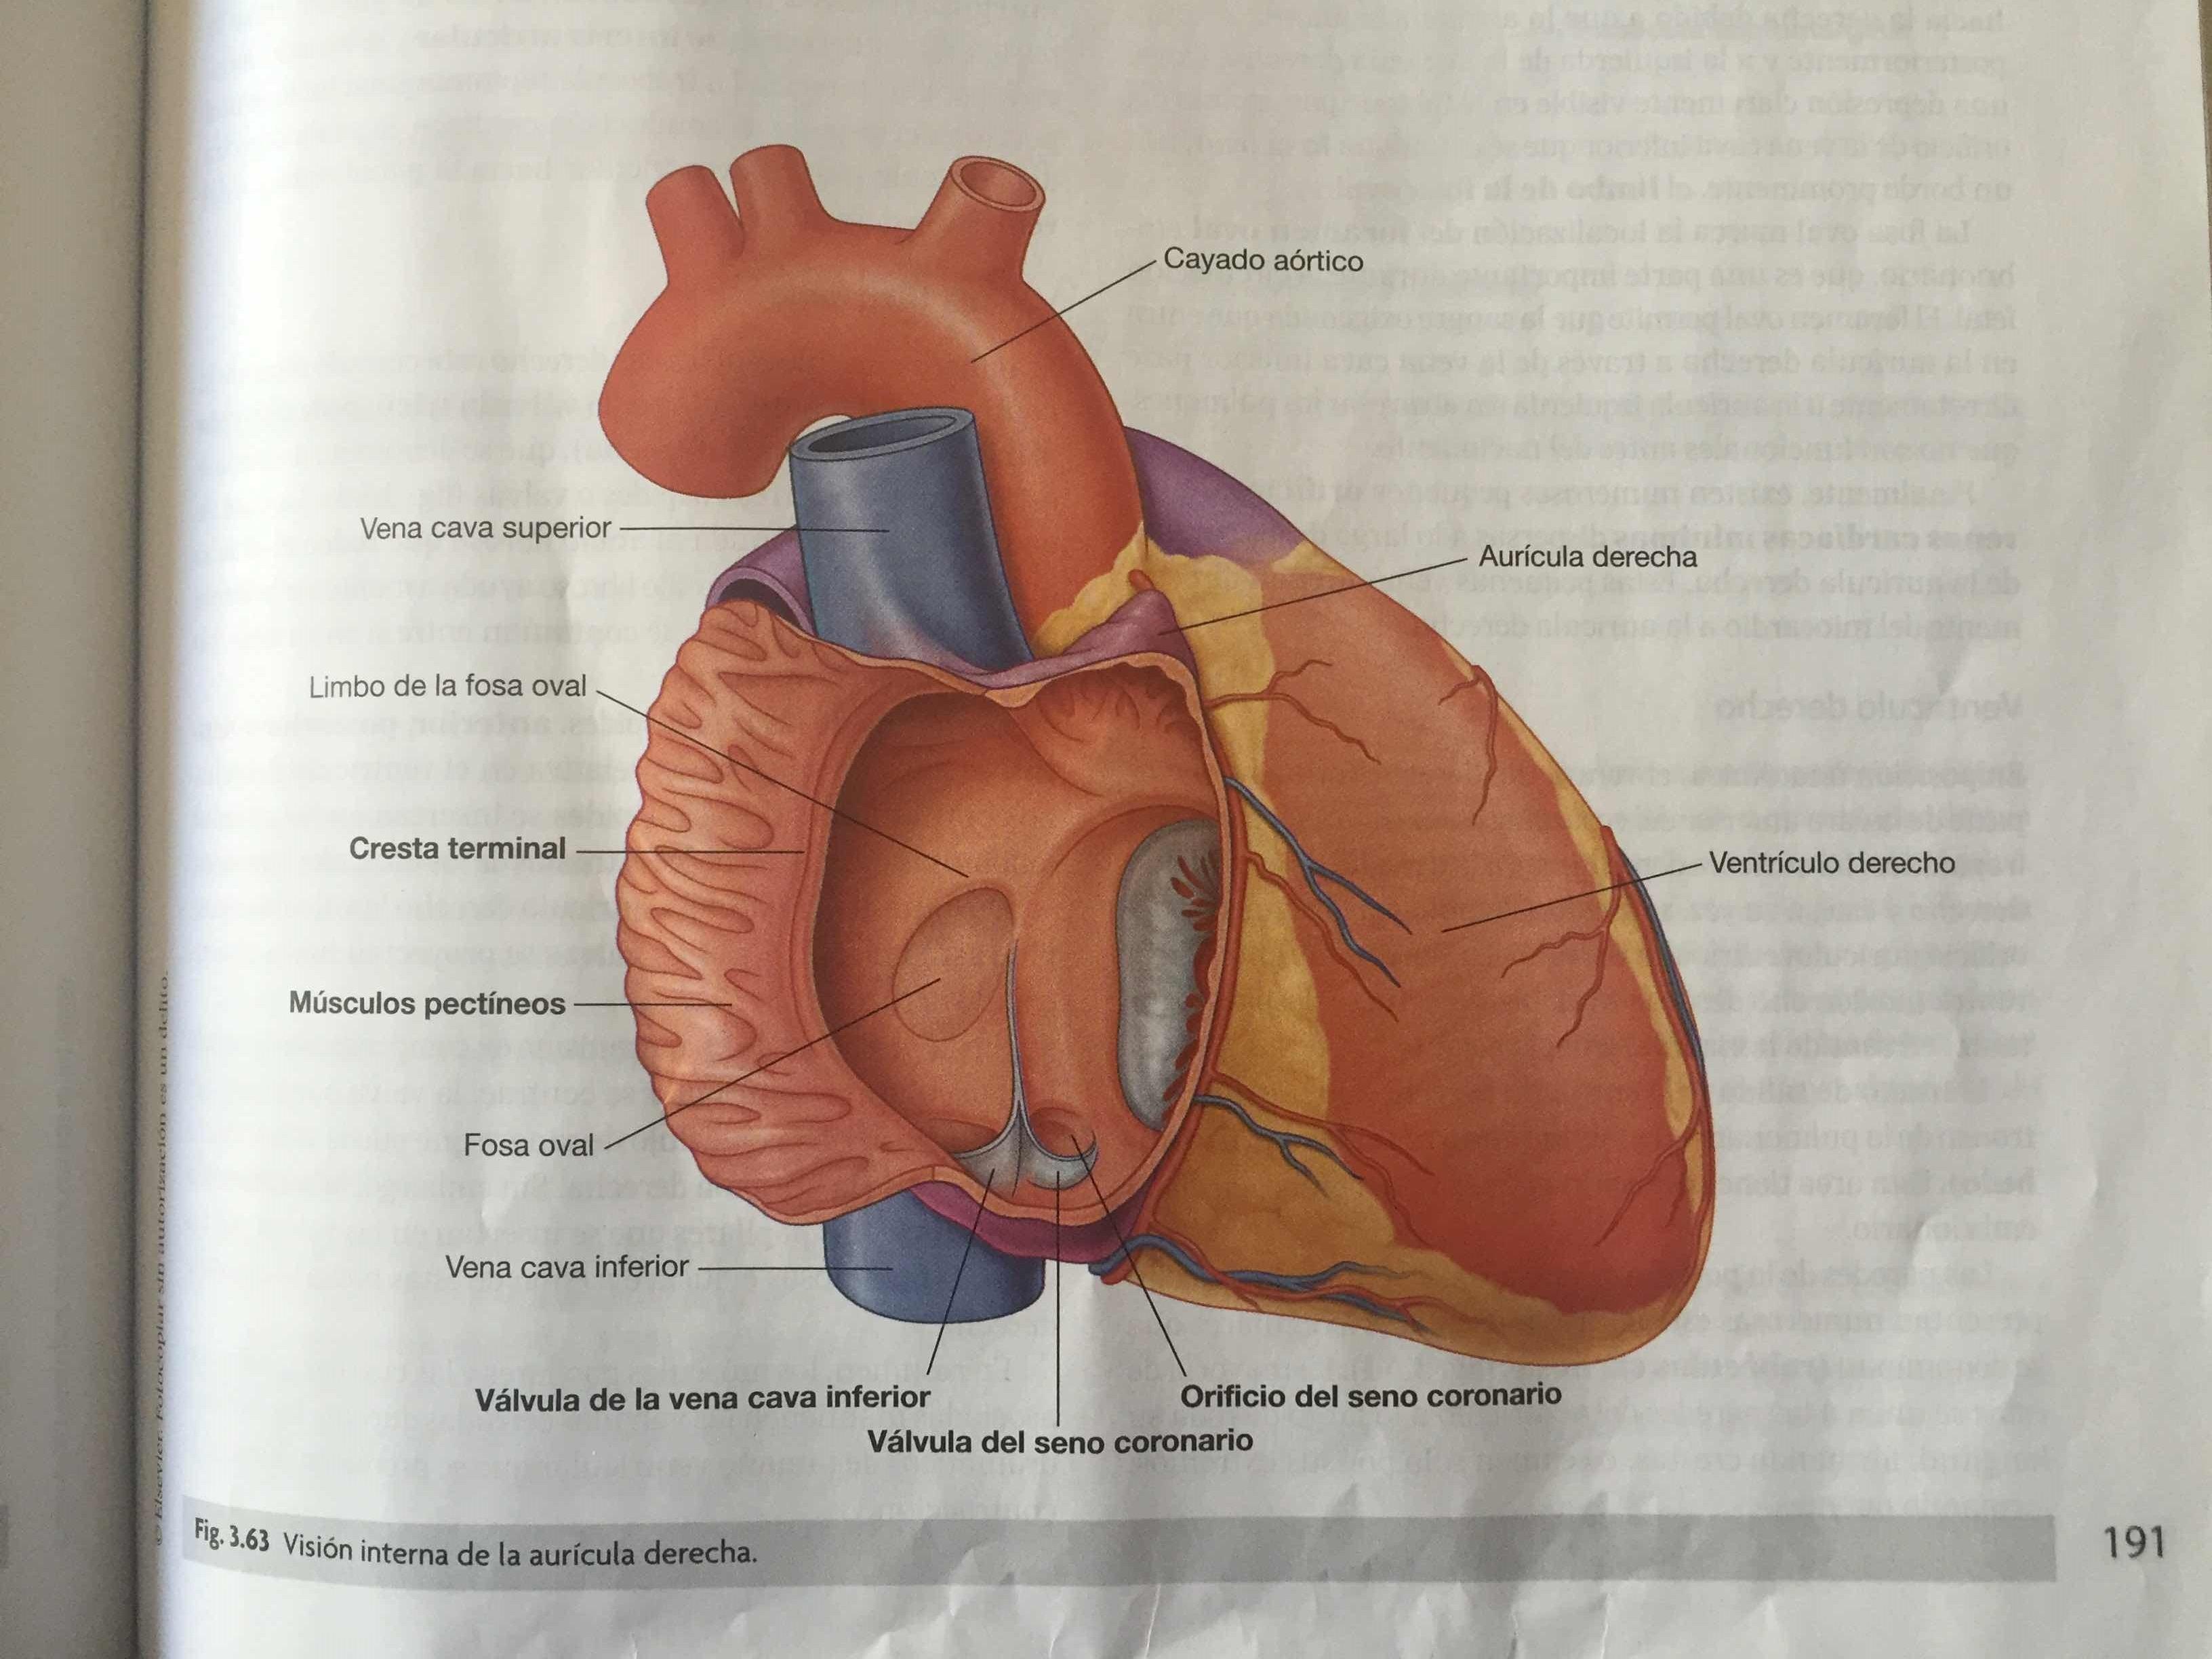 Anatomía del corazón | Note